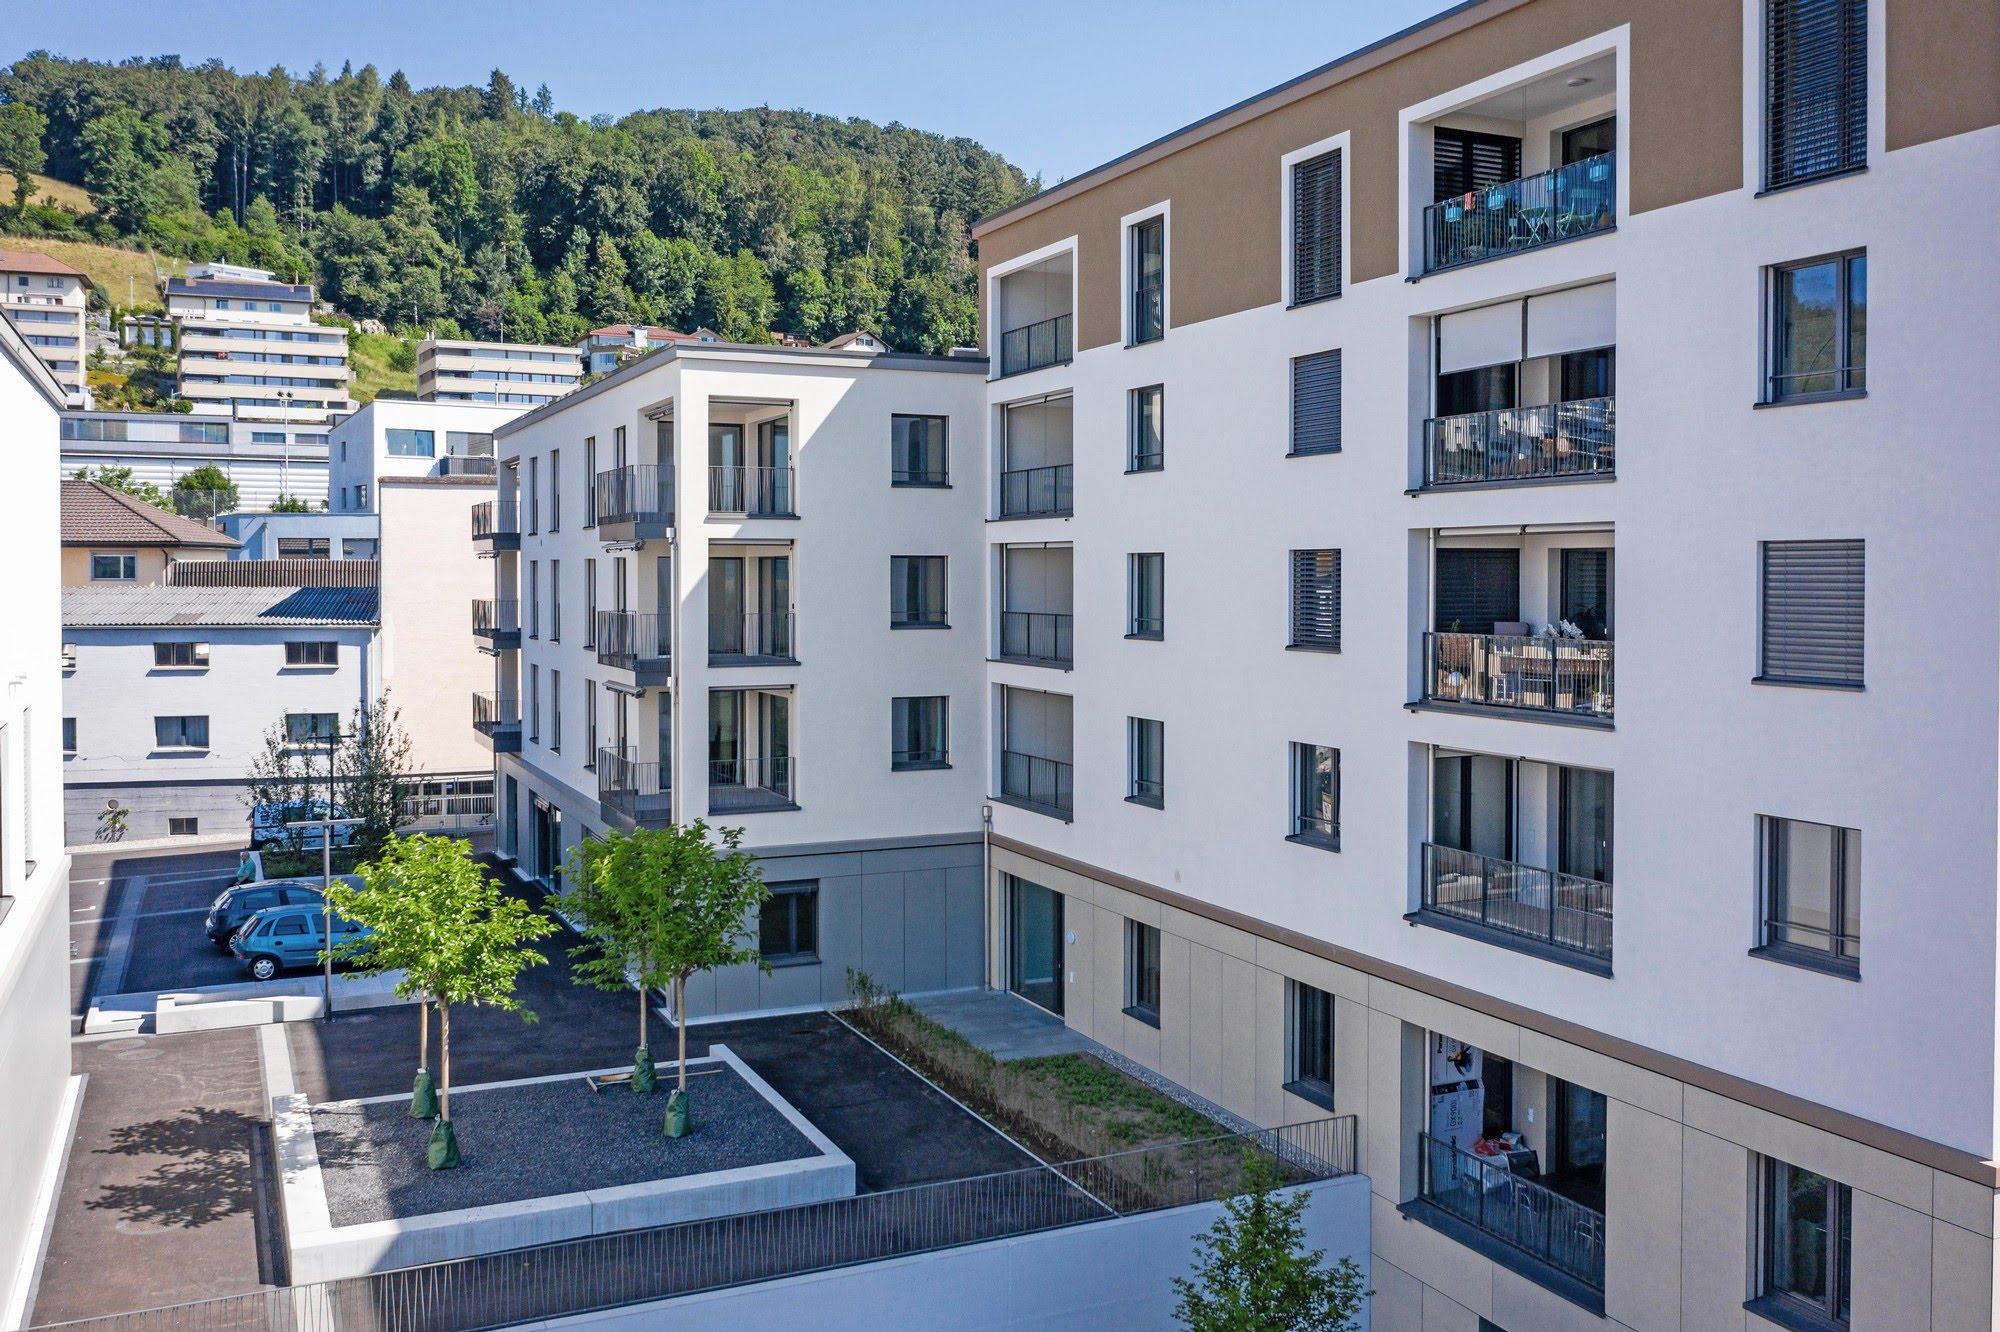 Wohnen MFH,Gewerbe Überbauung Glasi in Wauwil Architektur,Wohnungsbau,Wohnhäuser,Einfamilienhäuser,Mehrfamilienhäuser